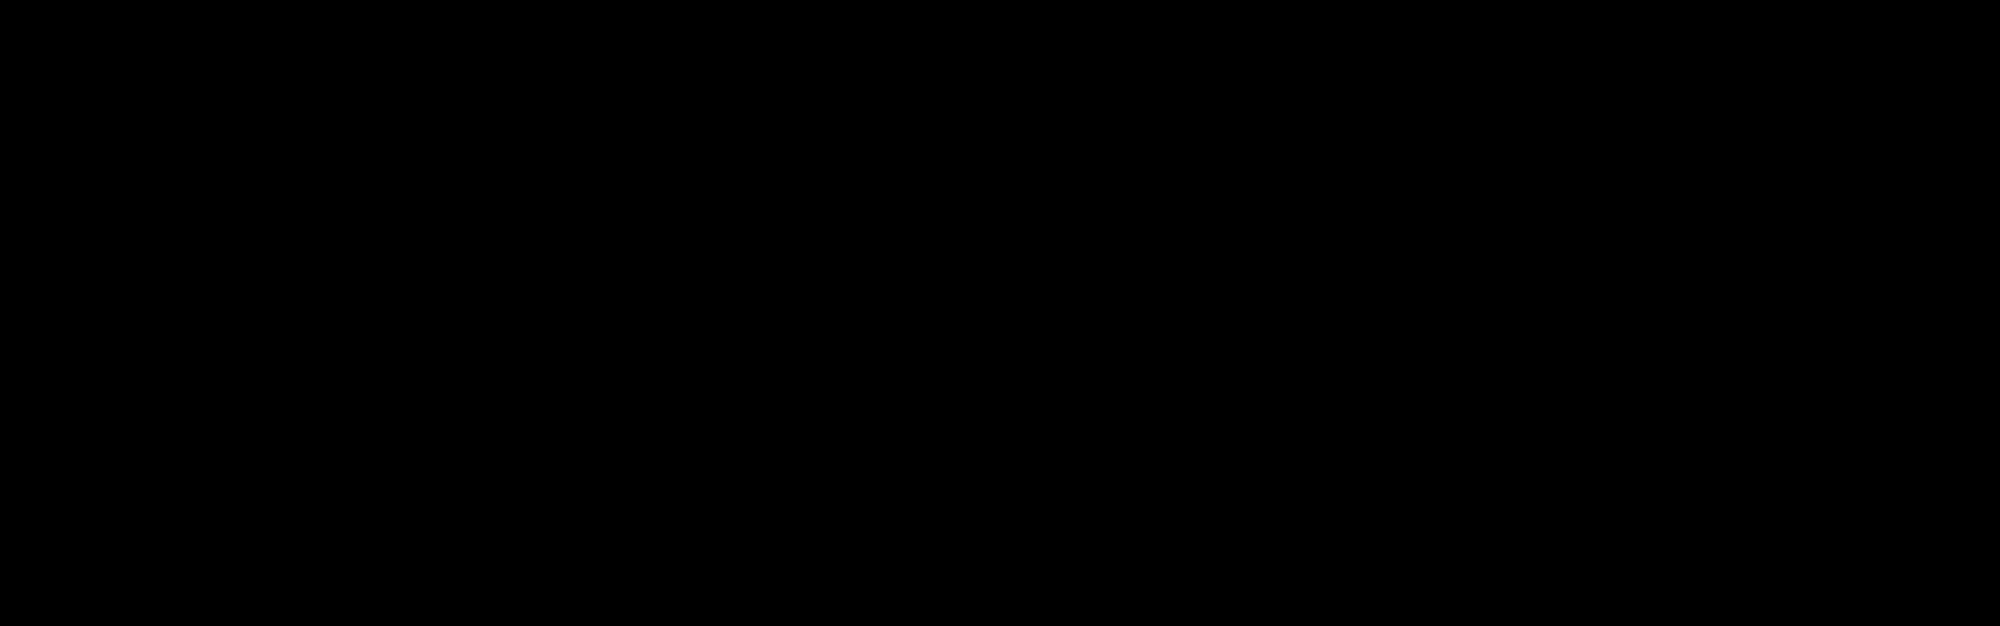 DESARROLLO PERSONAL-logo.png